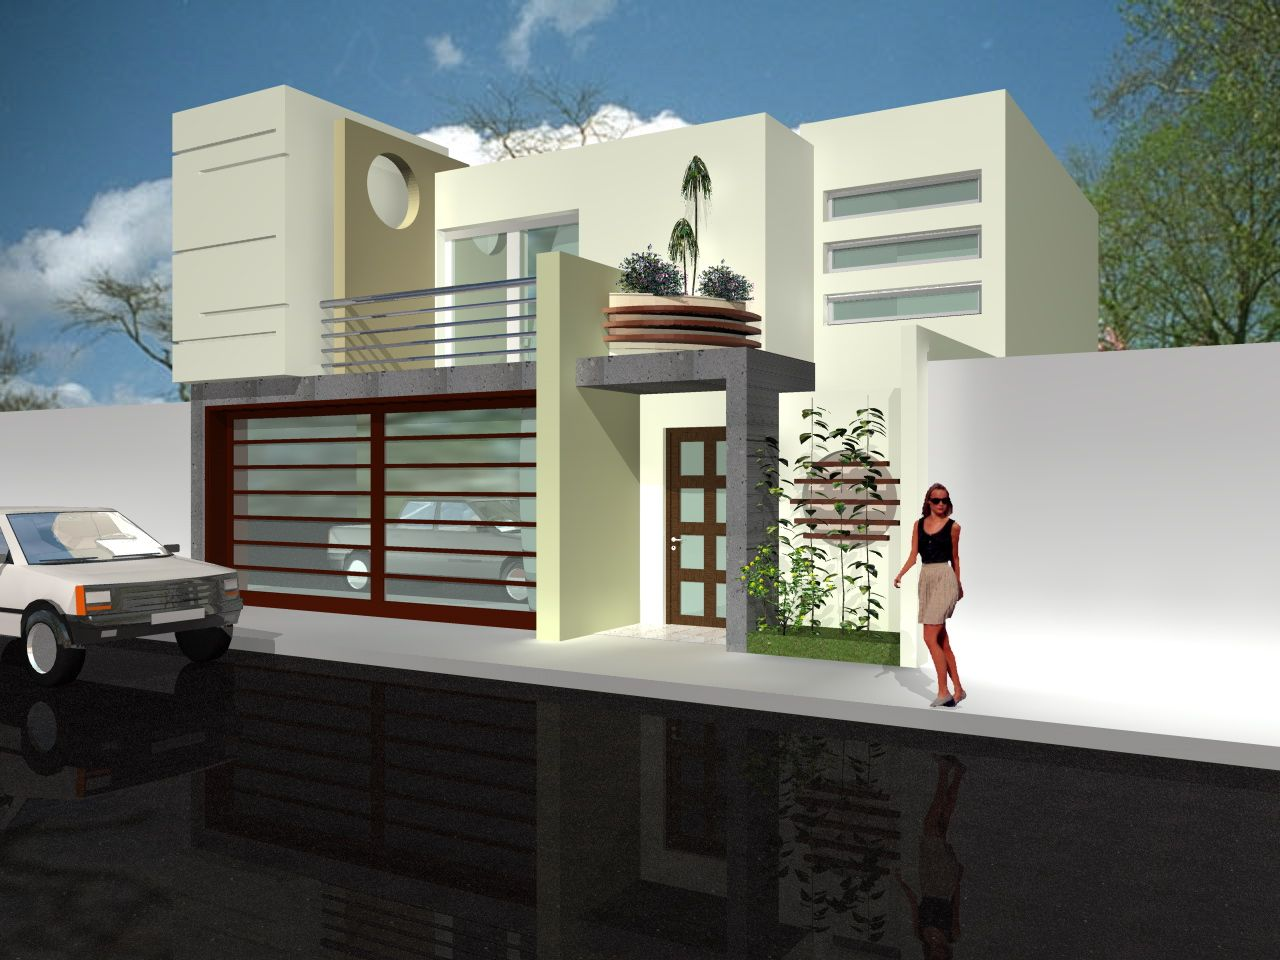 Fachadas casas contemporaneas inspiraci n de dise o de for Diseno de interiores de casas